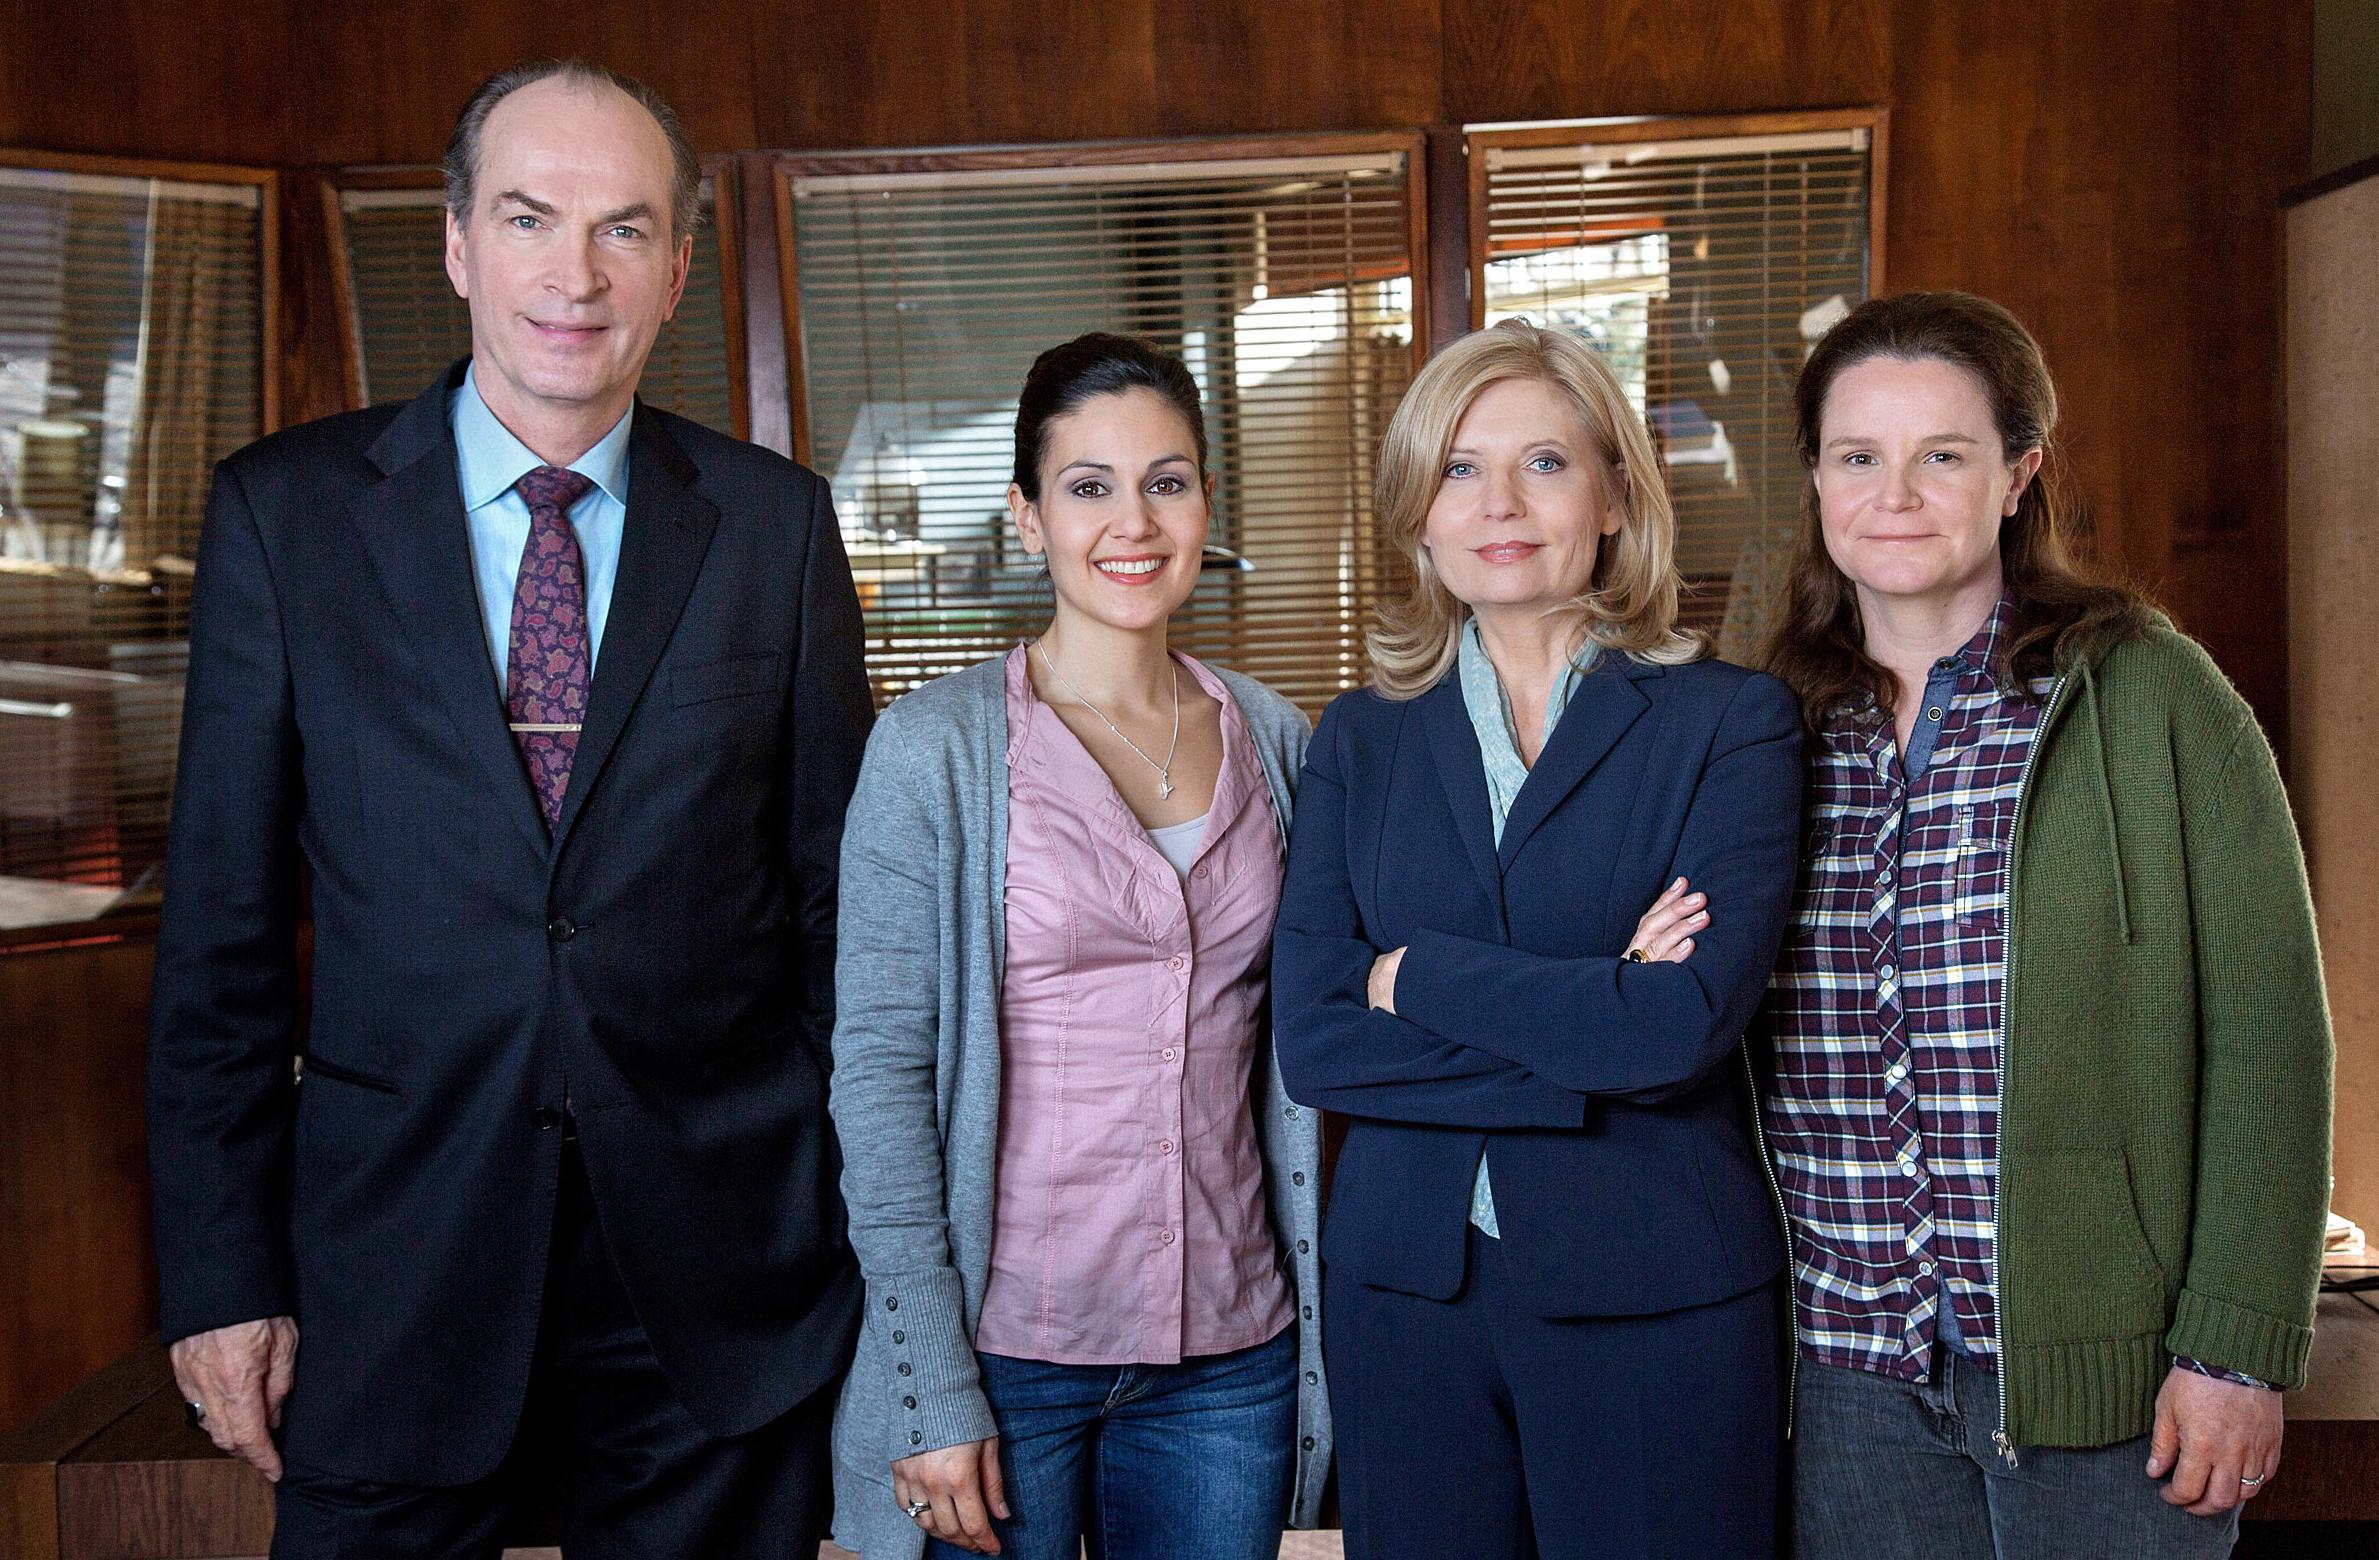 ARD DIE KANZLEI, Hamburger Anwaltsserie (13 Folgen) mit Sabine Postel und Herbert Knaup, ab (08.09.15), dienstags um 20.15 Uh